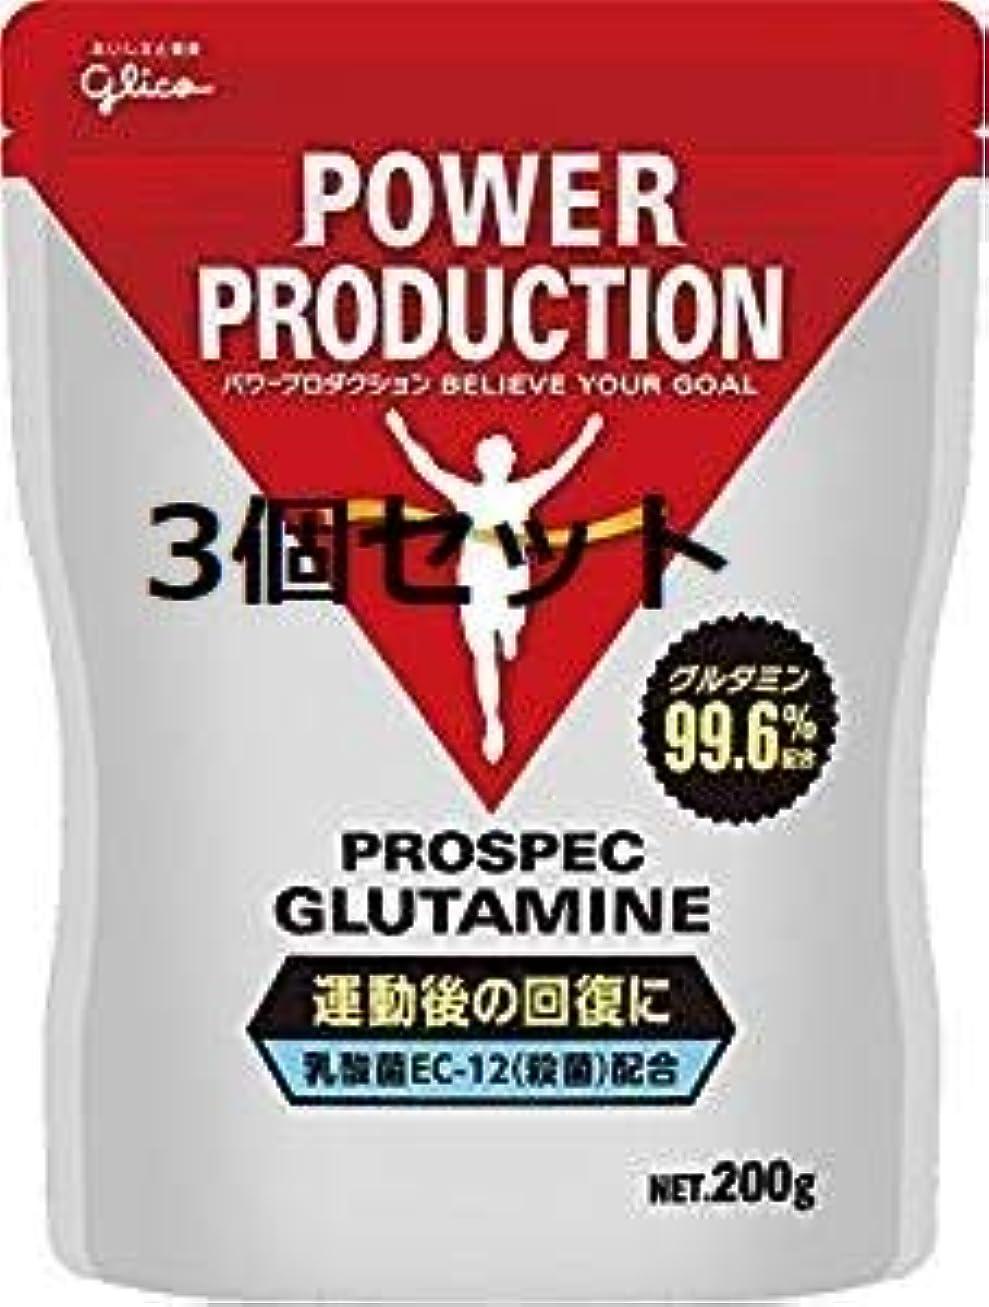 帝国主義マネージャー計り知れない【3個セット】グリコ アミノ酸プロスペックグルタミンパウダー PROSUPEC GLUTAMINE 200g Glico